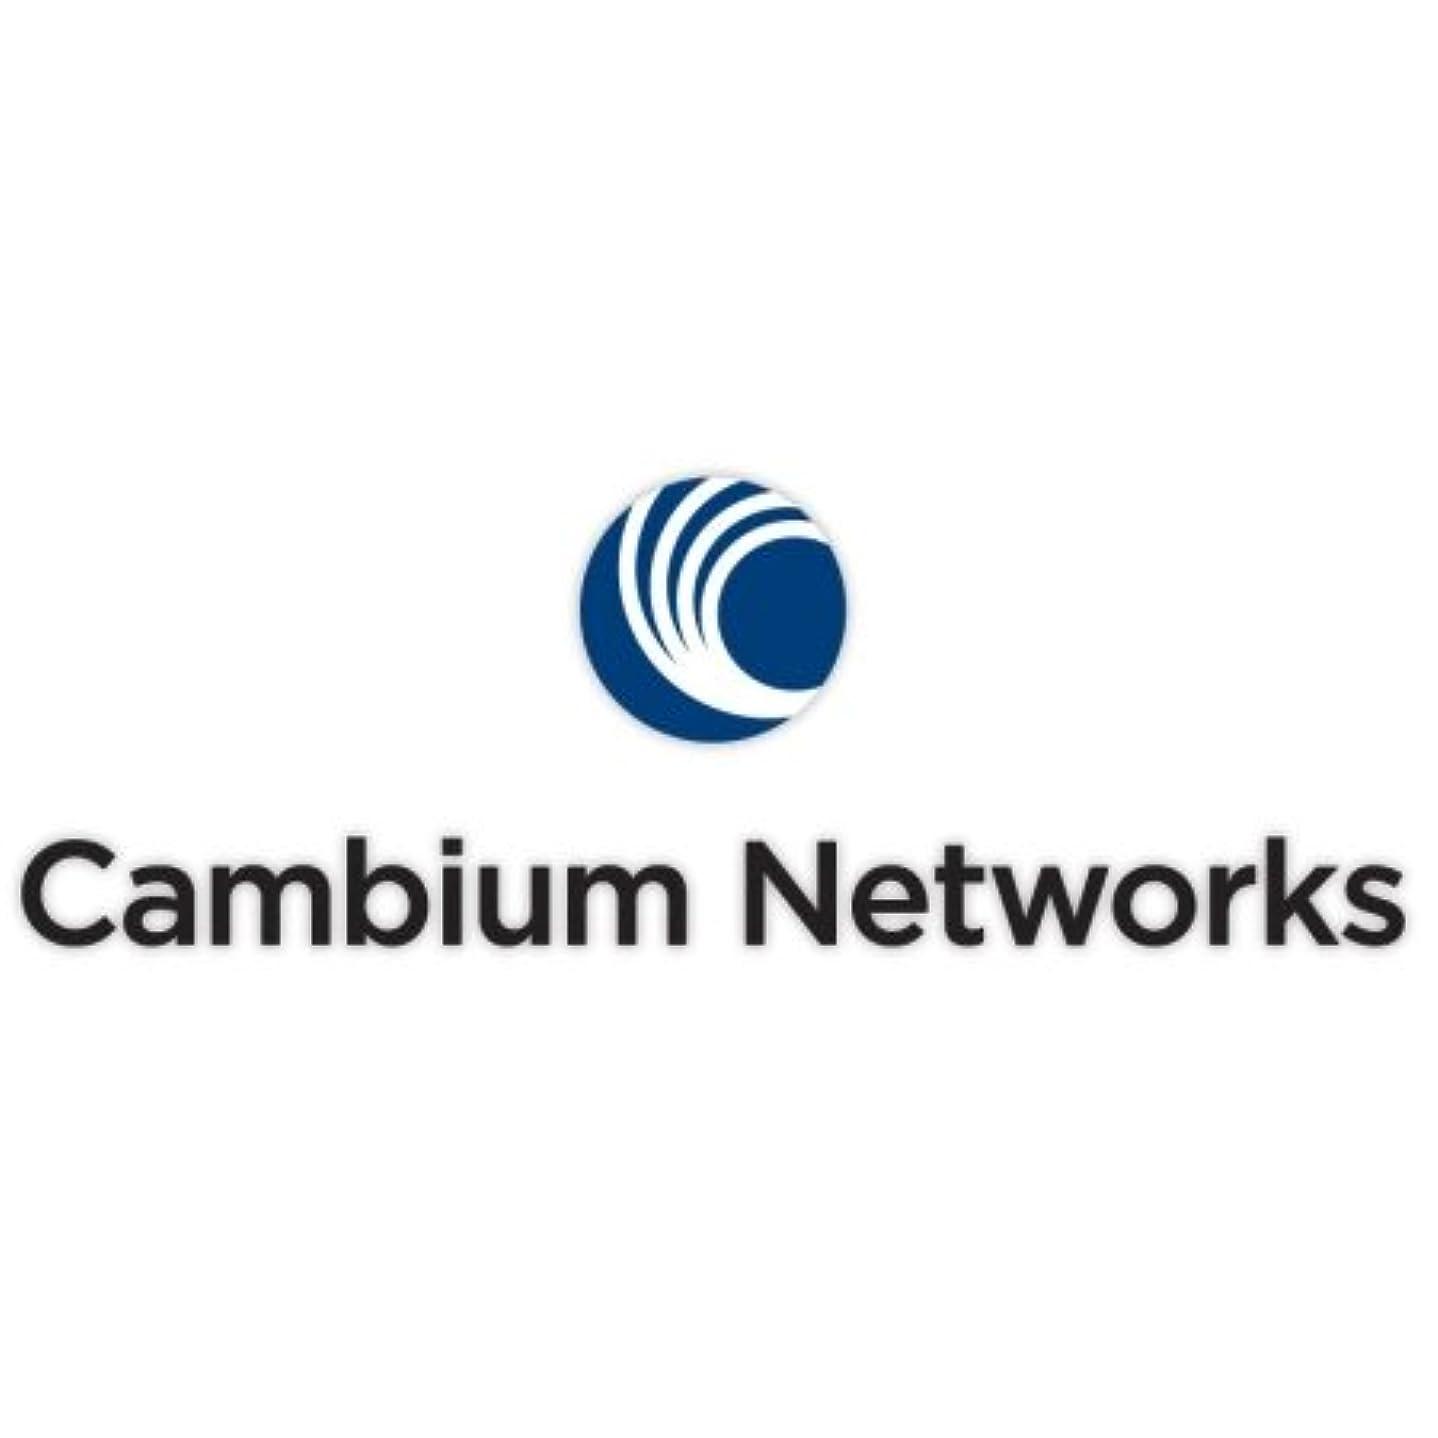 鍔一緒正当化するCambiumネットワーク?–?wb2402?a?–?PTPソフトウェアキー、ptp300?/ 500?/ 600シリーズAESライセンスキー128bit?–?End Only